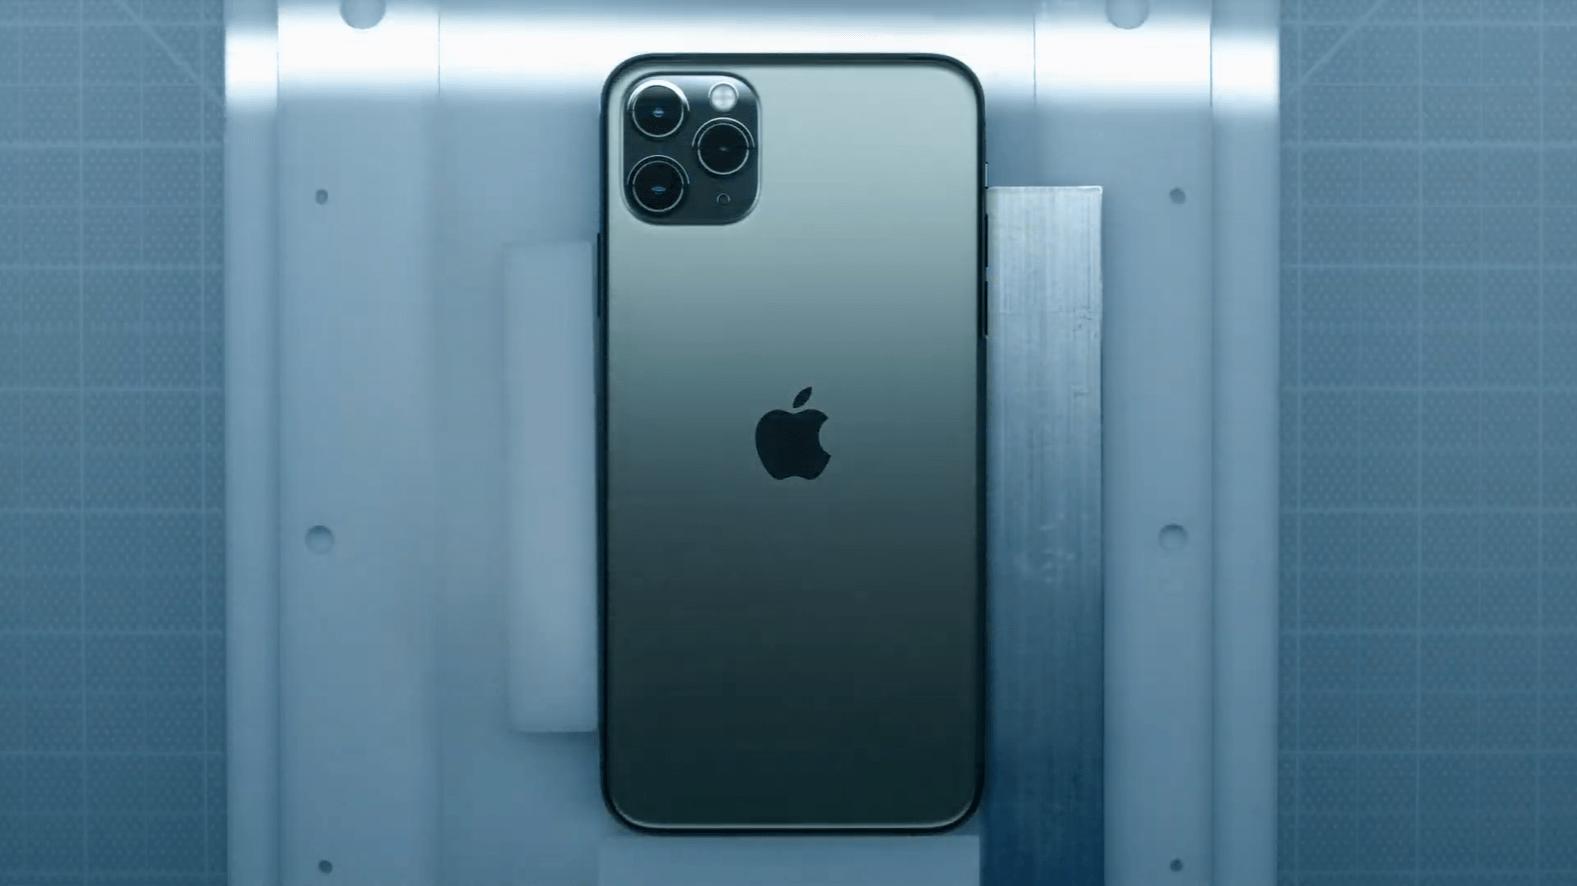 Iphone 11 Pro Et 11 Pro Max Officialises Enfin Un Appareil